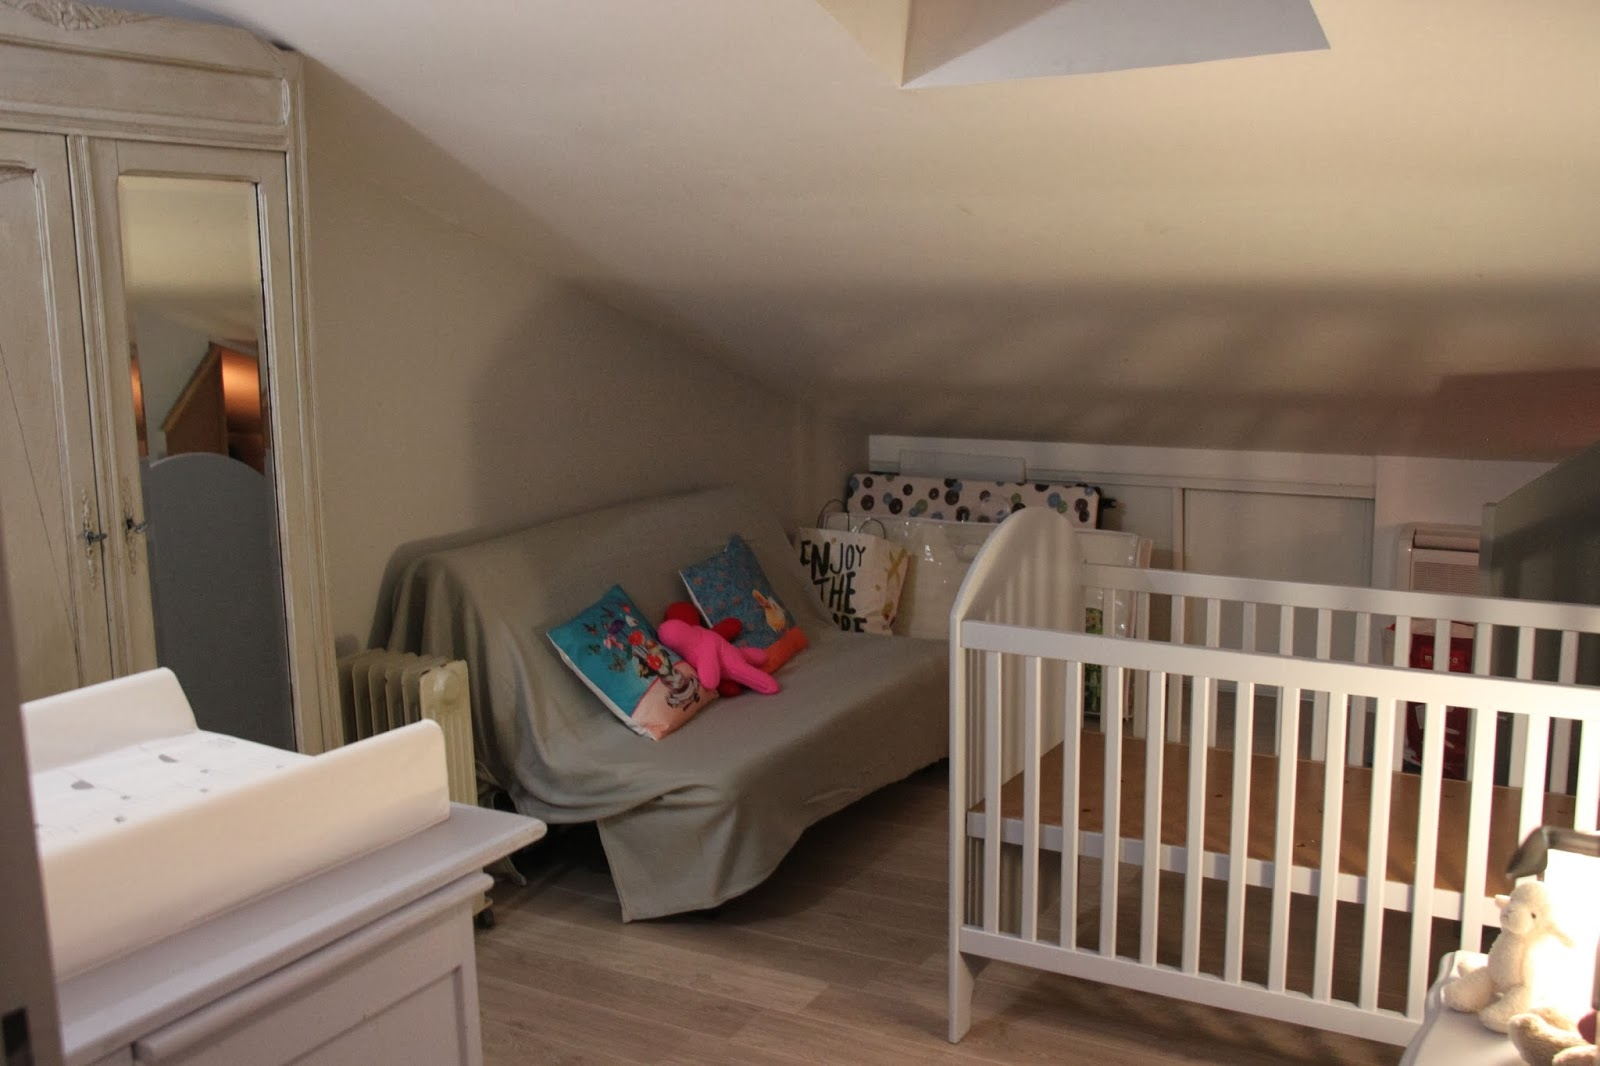 Vers le moins et le mieux la pr paration de la chambre de b b - Quand preparer la chambre de bebe ...